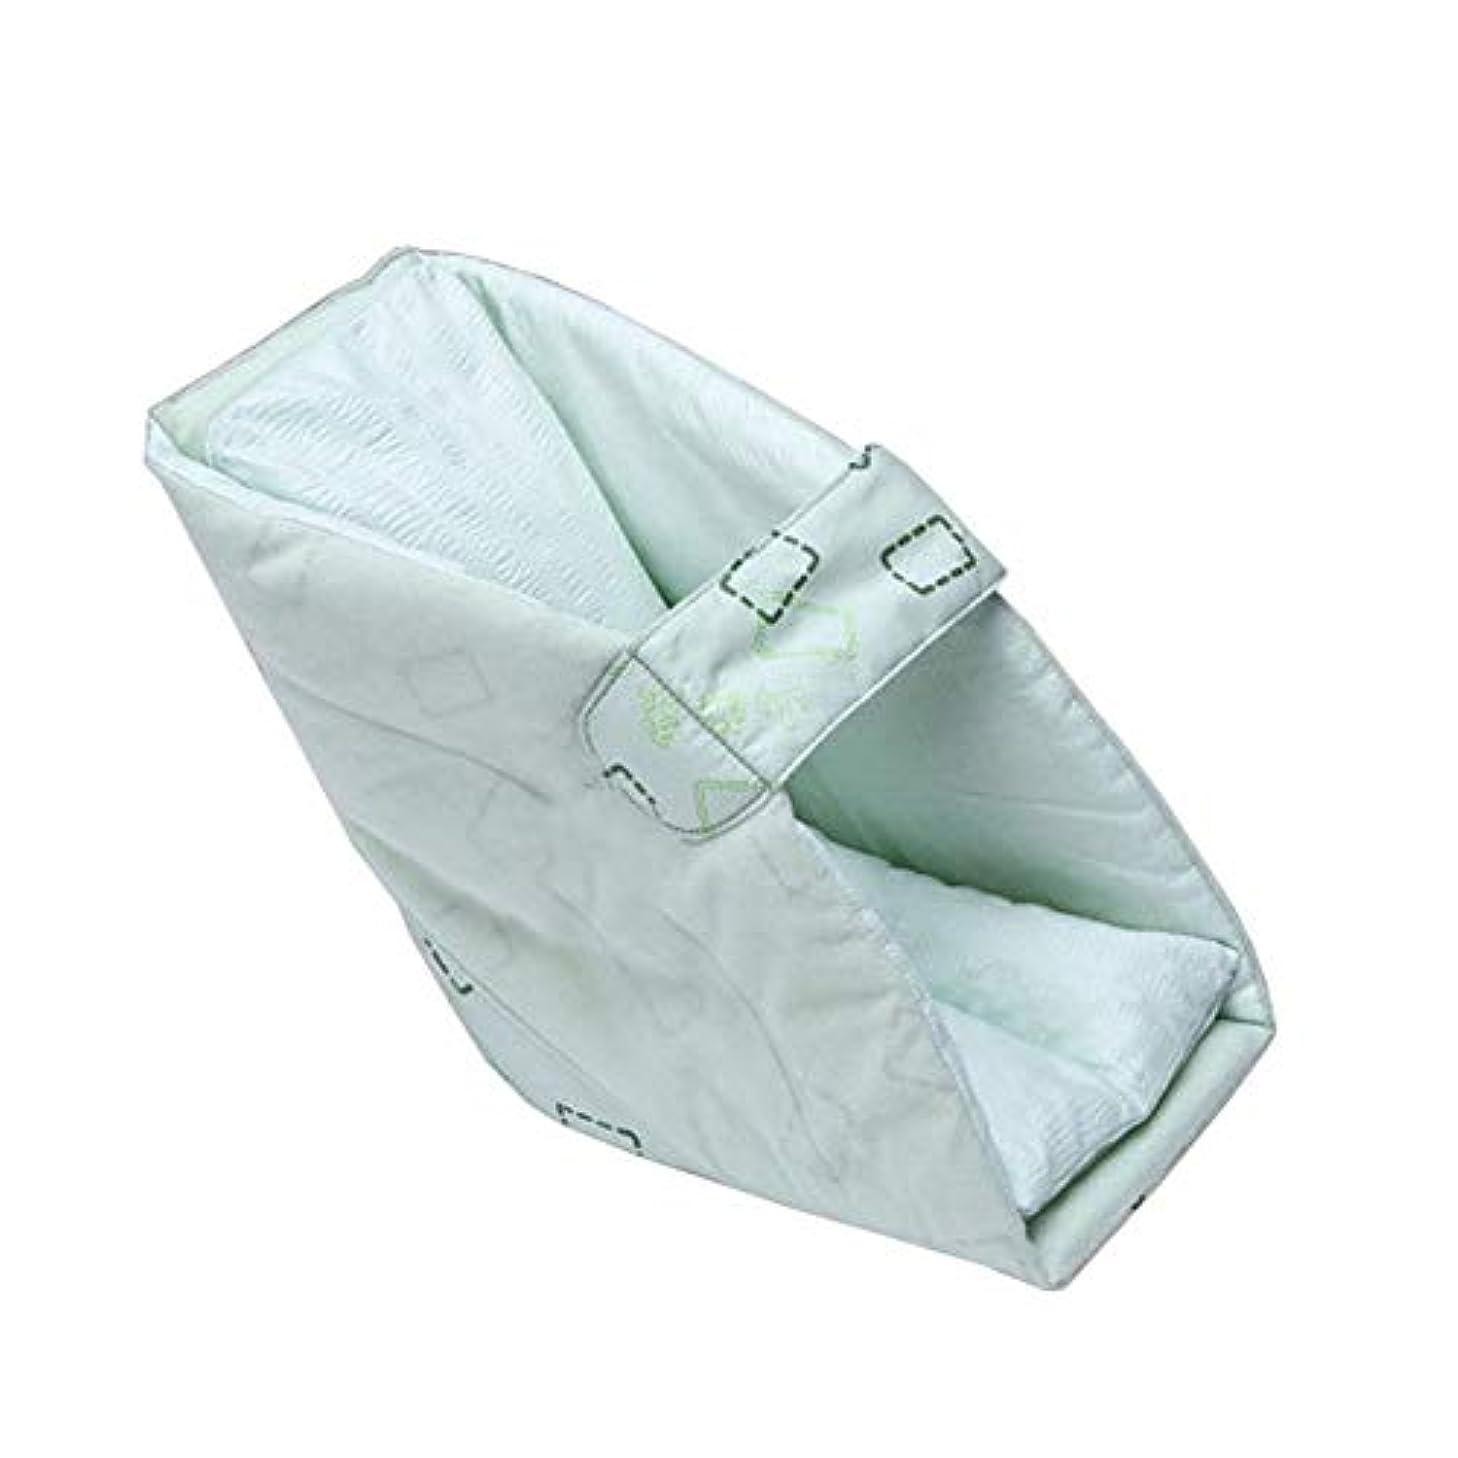 素子サイト降下足首フットカバー、ヒールフットドロップ保護パッド、車椅子の耐摩耗性フットカバーベッド患者ケア製品